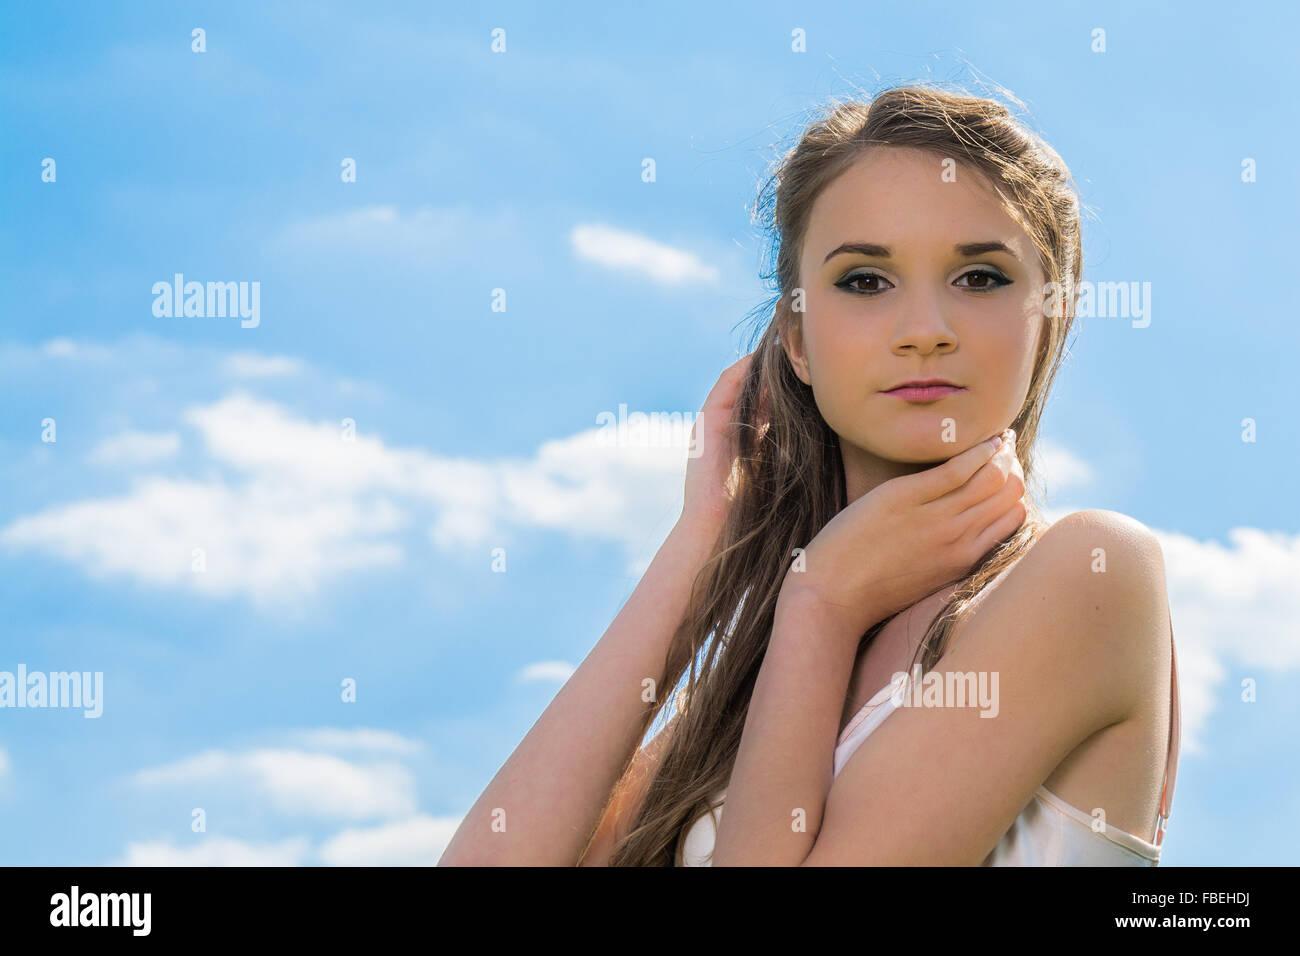 Basso angolo di vista Ritratto di giovane e bella donna che pongono contro Sky all'aperto Immagini Stock